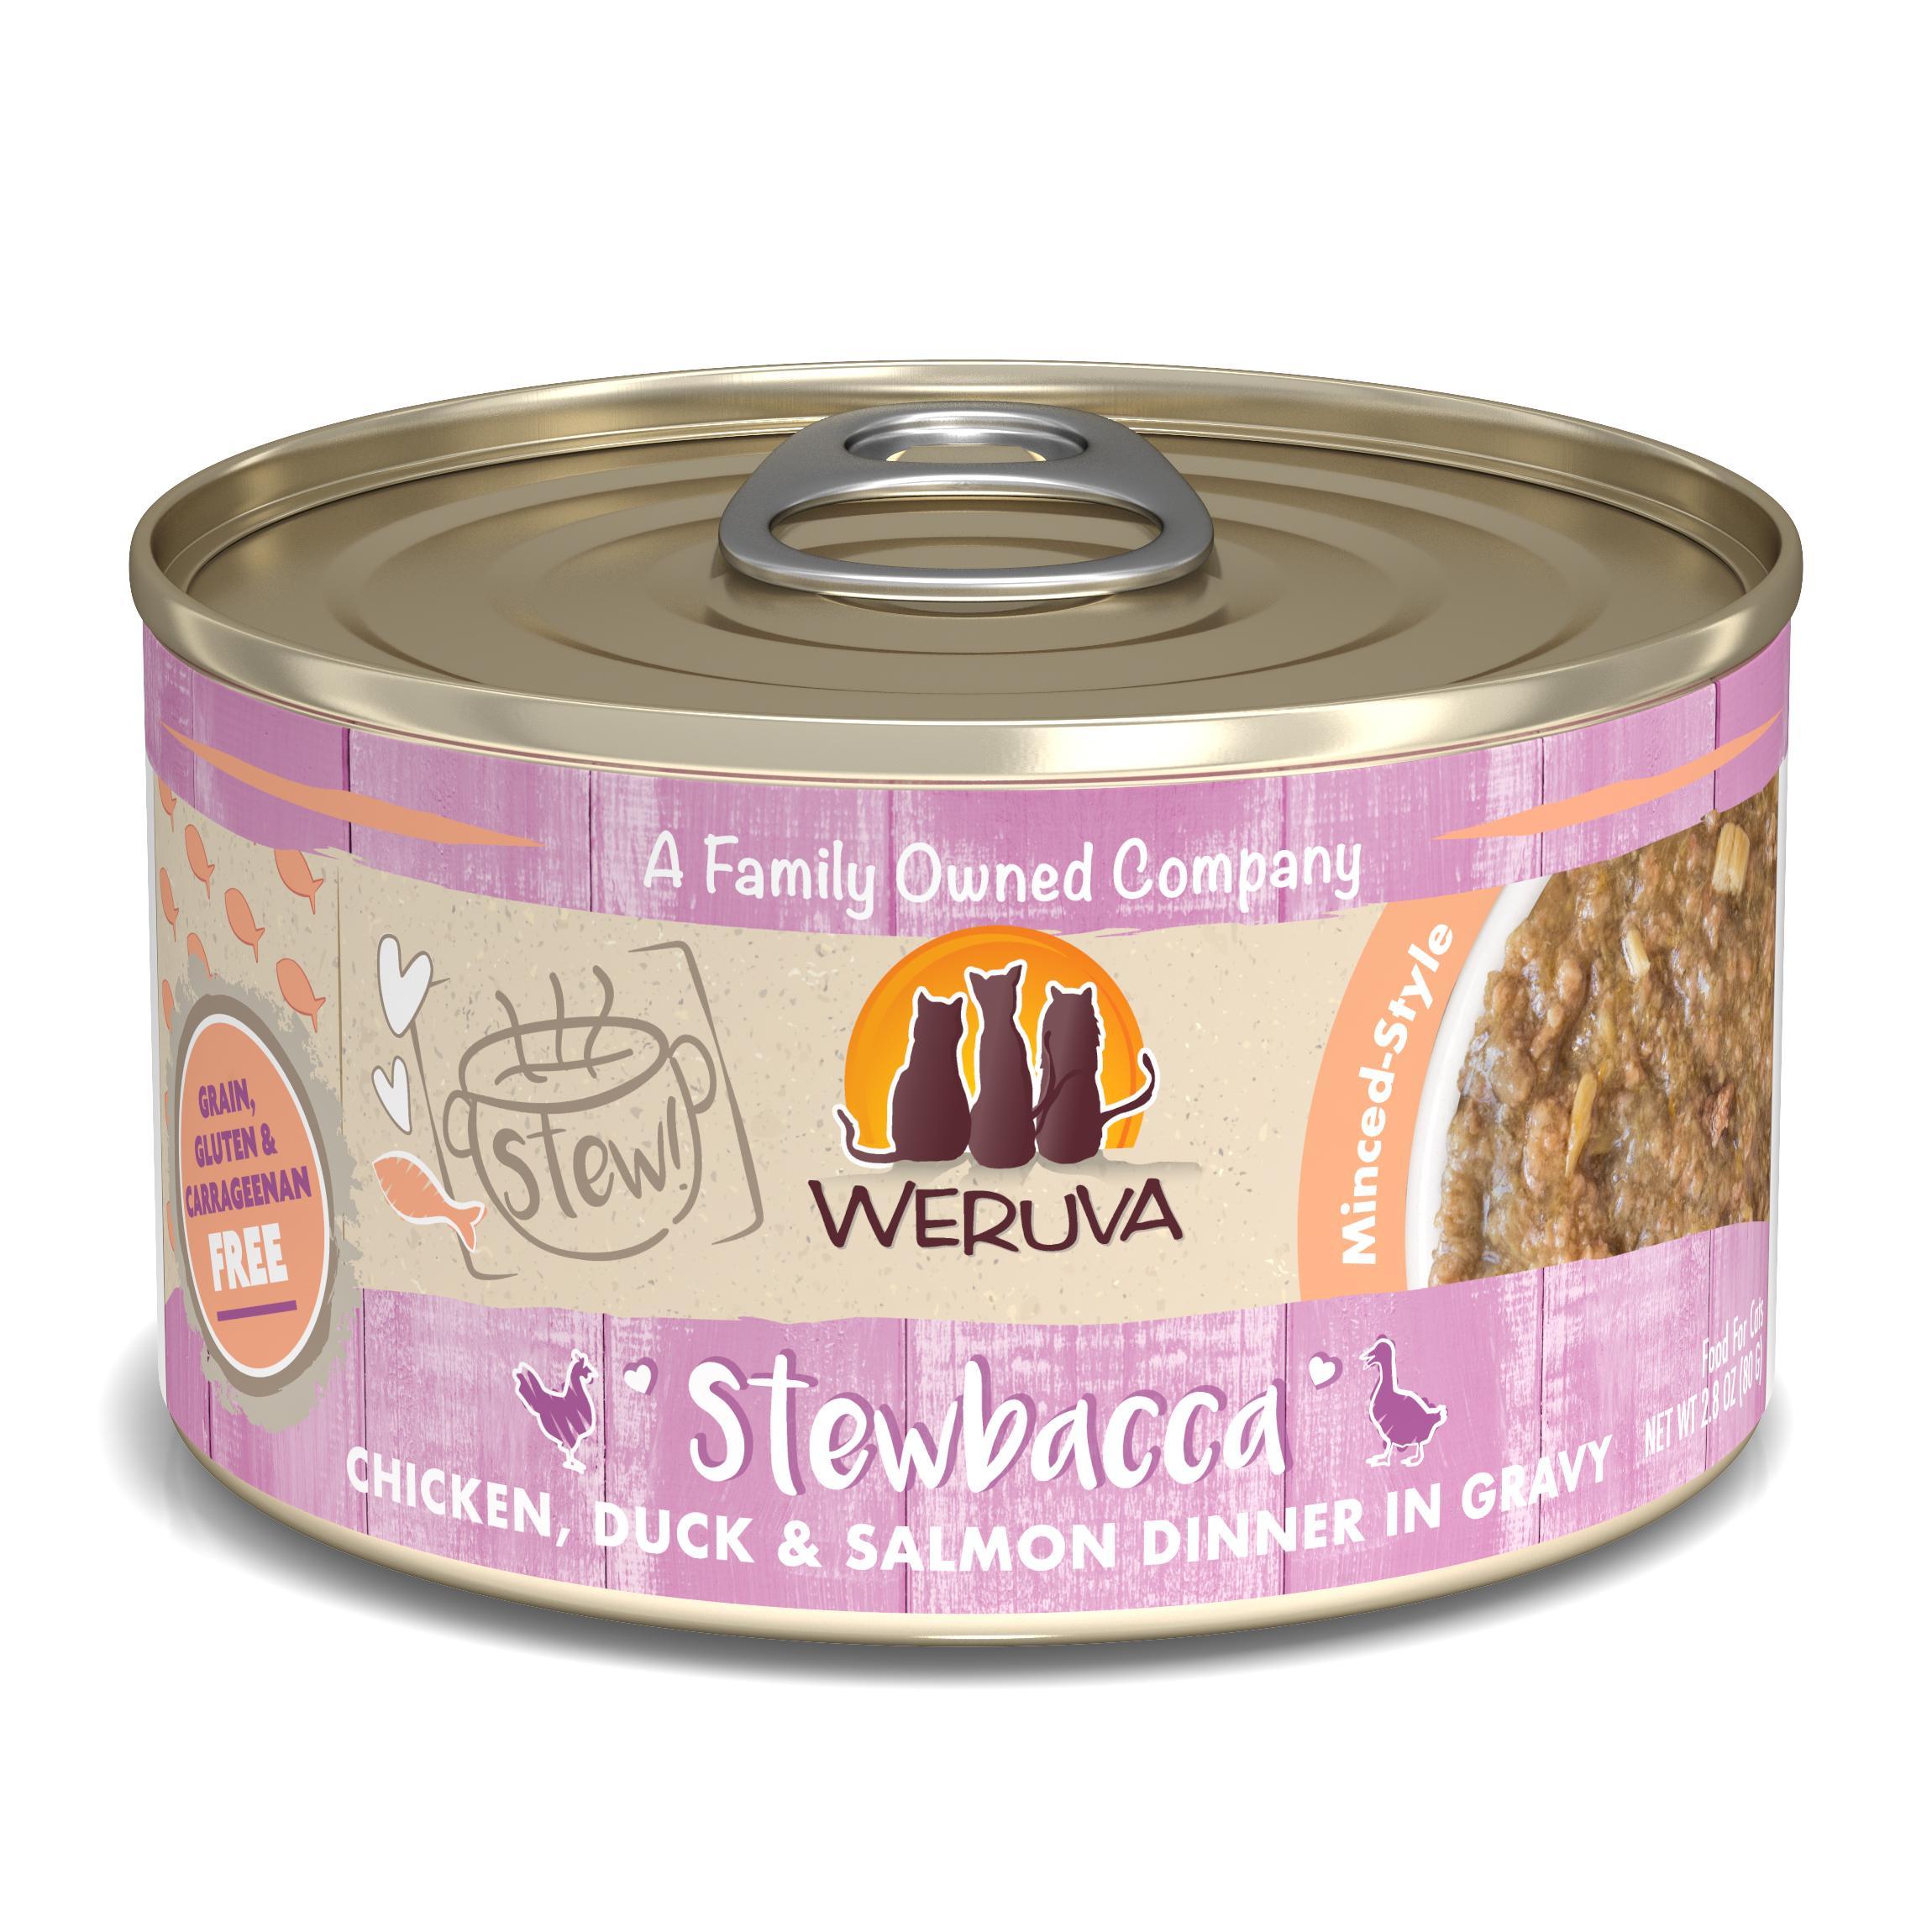 Weruva Cat Stew! Stewbacca Chicken, Duck & Salmon Dinner in Gravy Wet Cat Food, 2.8-oz